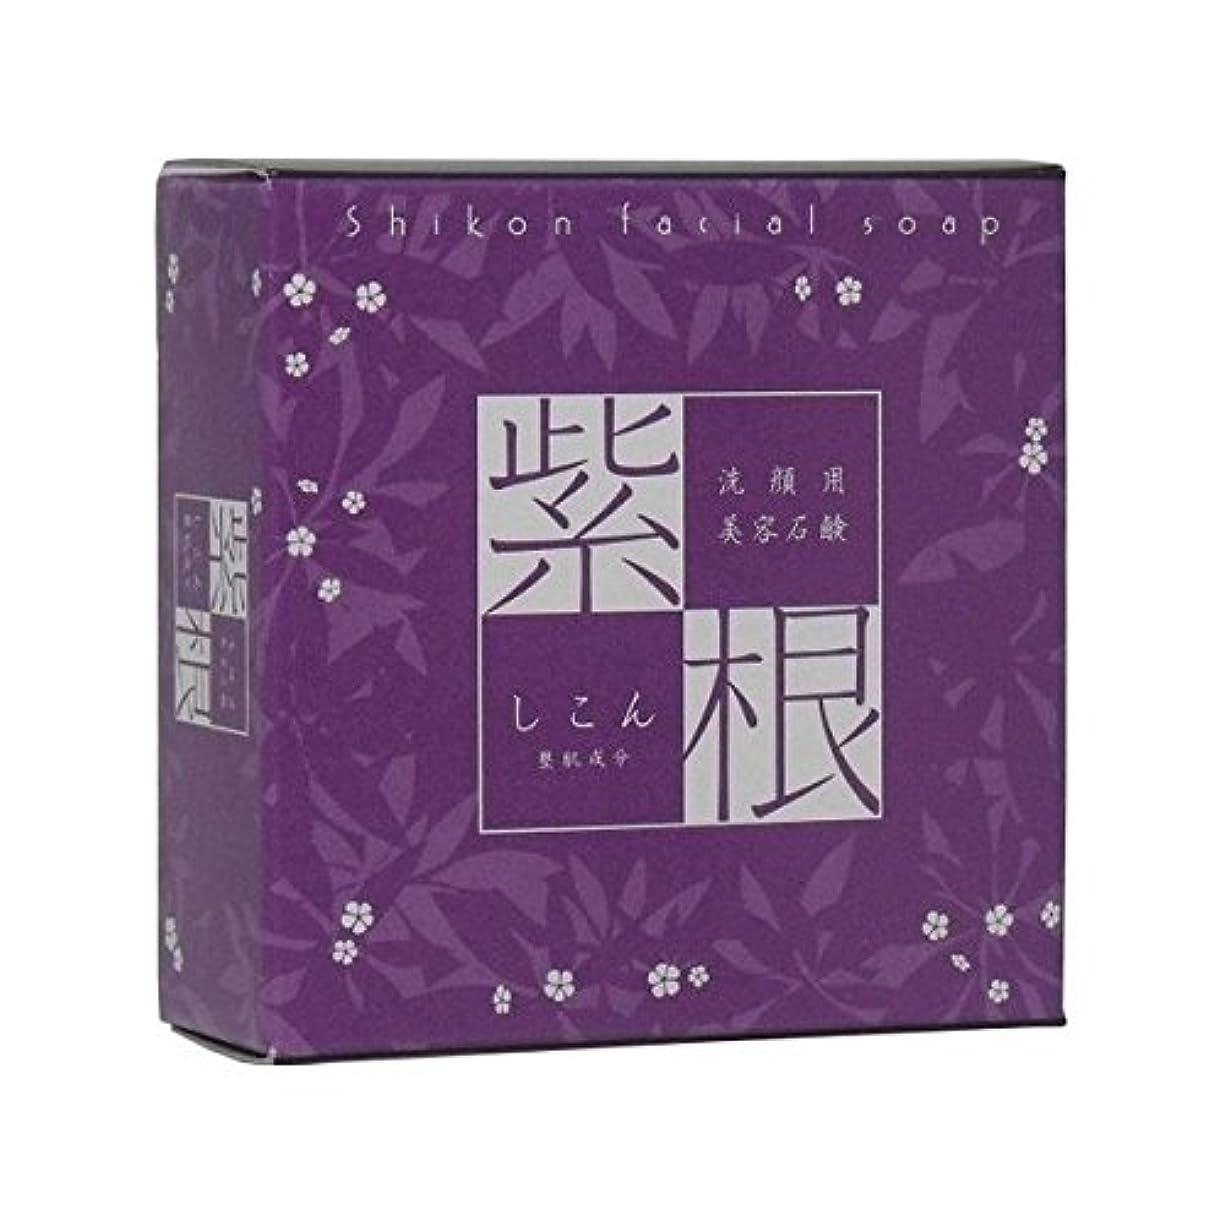 筋肉のマークバレーボール紫根石鹸110g(オリジナル泡立てネット付き)3個セット【魔女たちの22時で話題!】